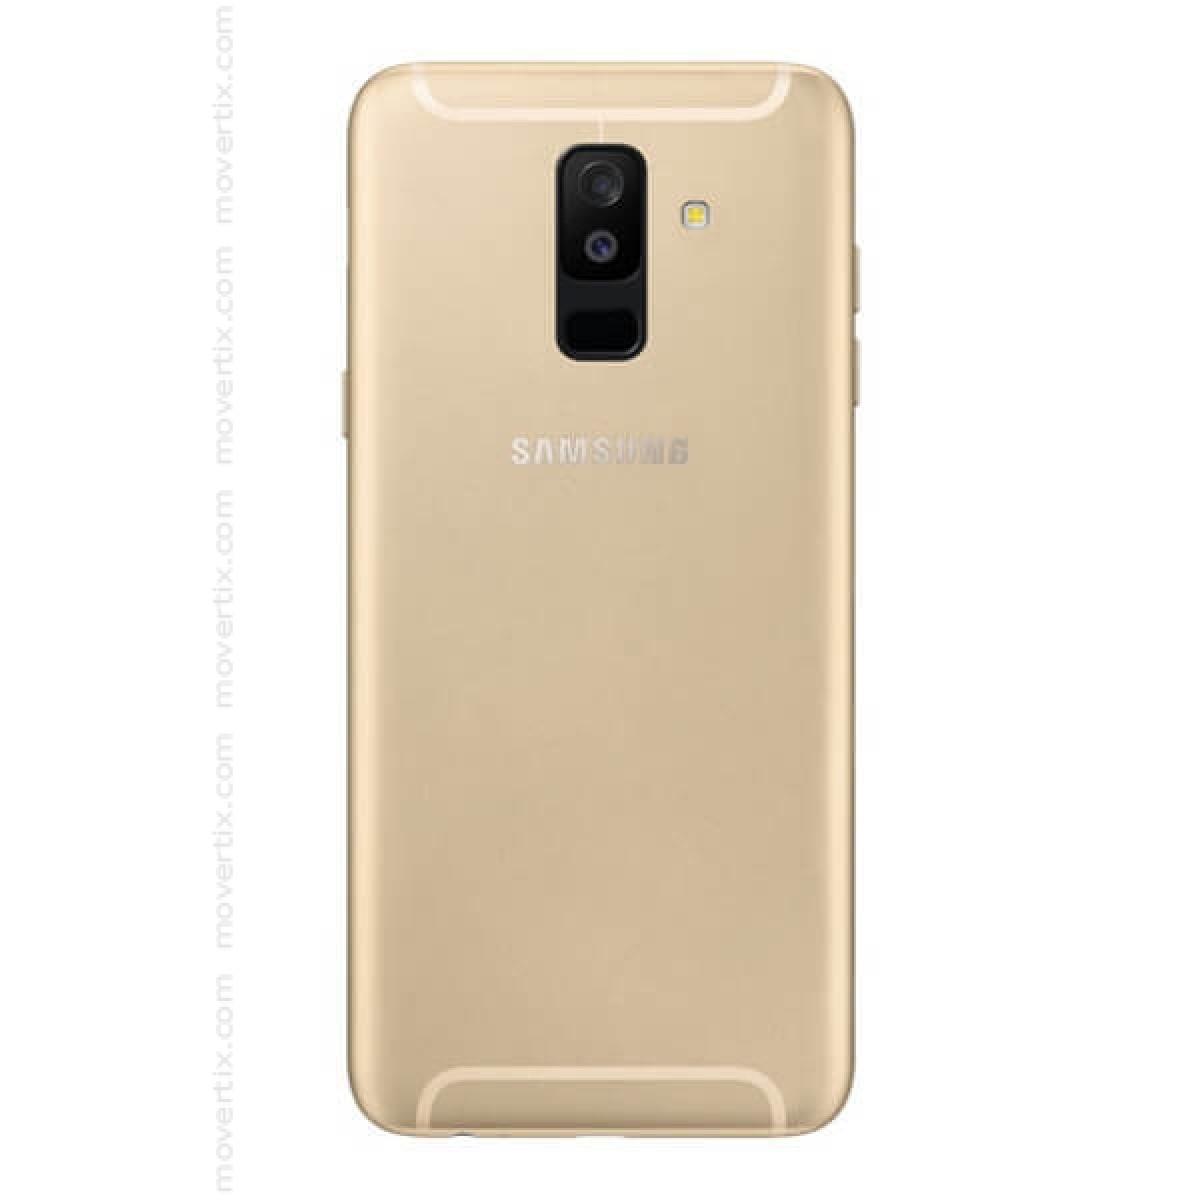 Samsung Galaxy A6 Plus 2018 Gold 32GB And 3GB RAM